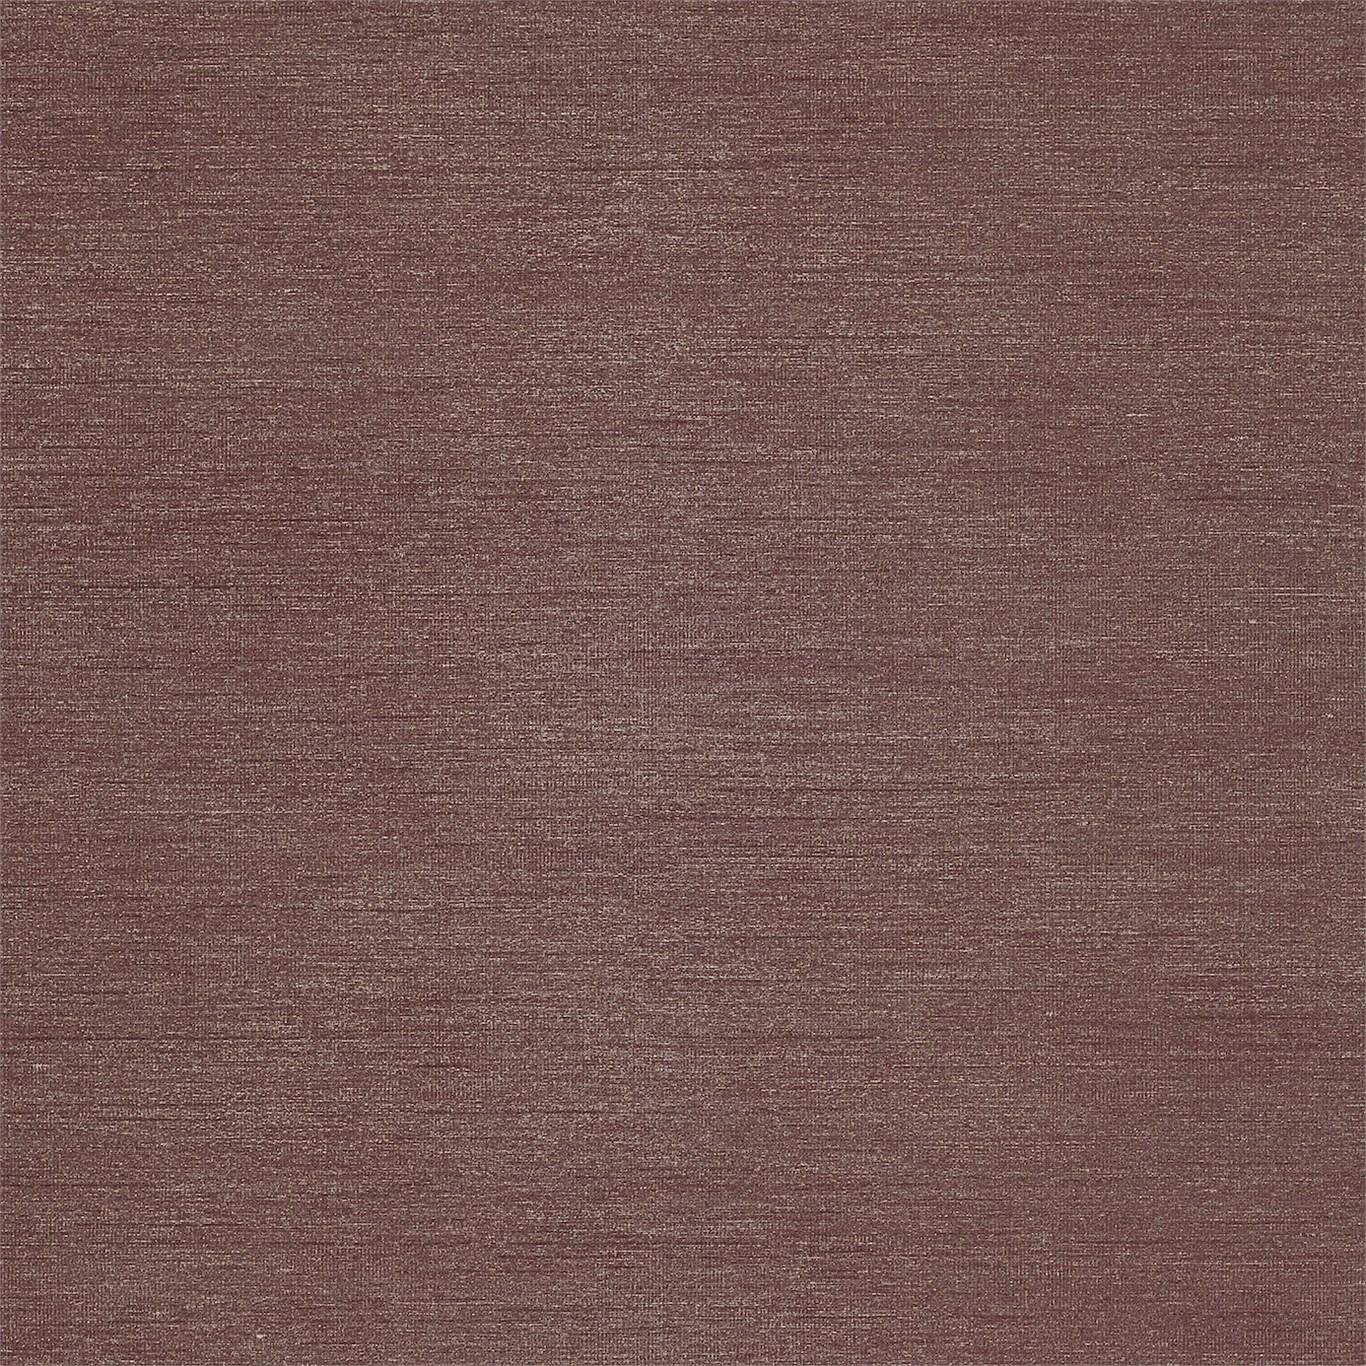 Английские обои Harlequin,  коллекция Anthology 01, артикулEREE110814